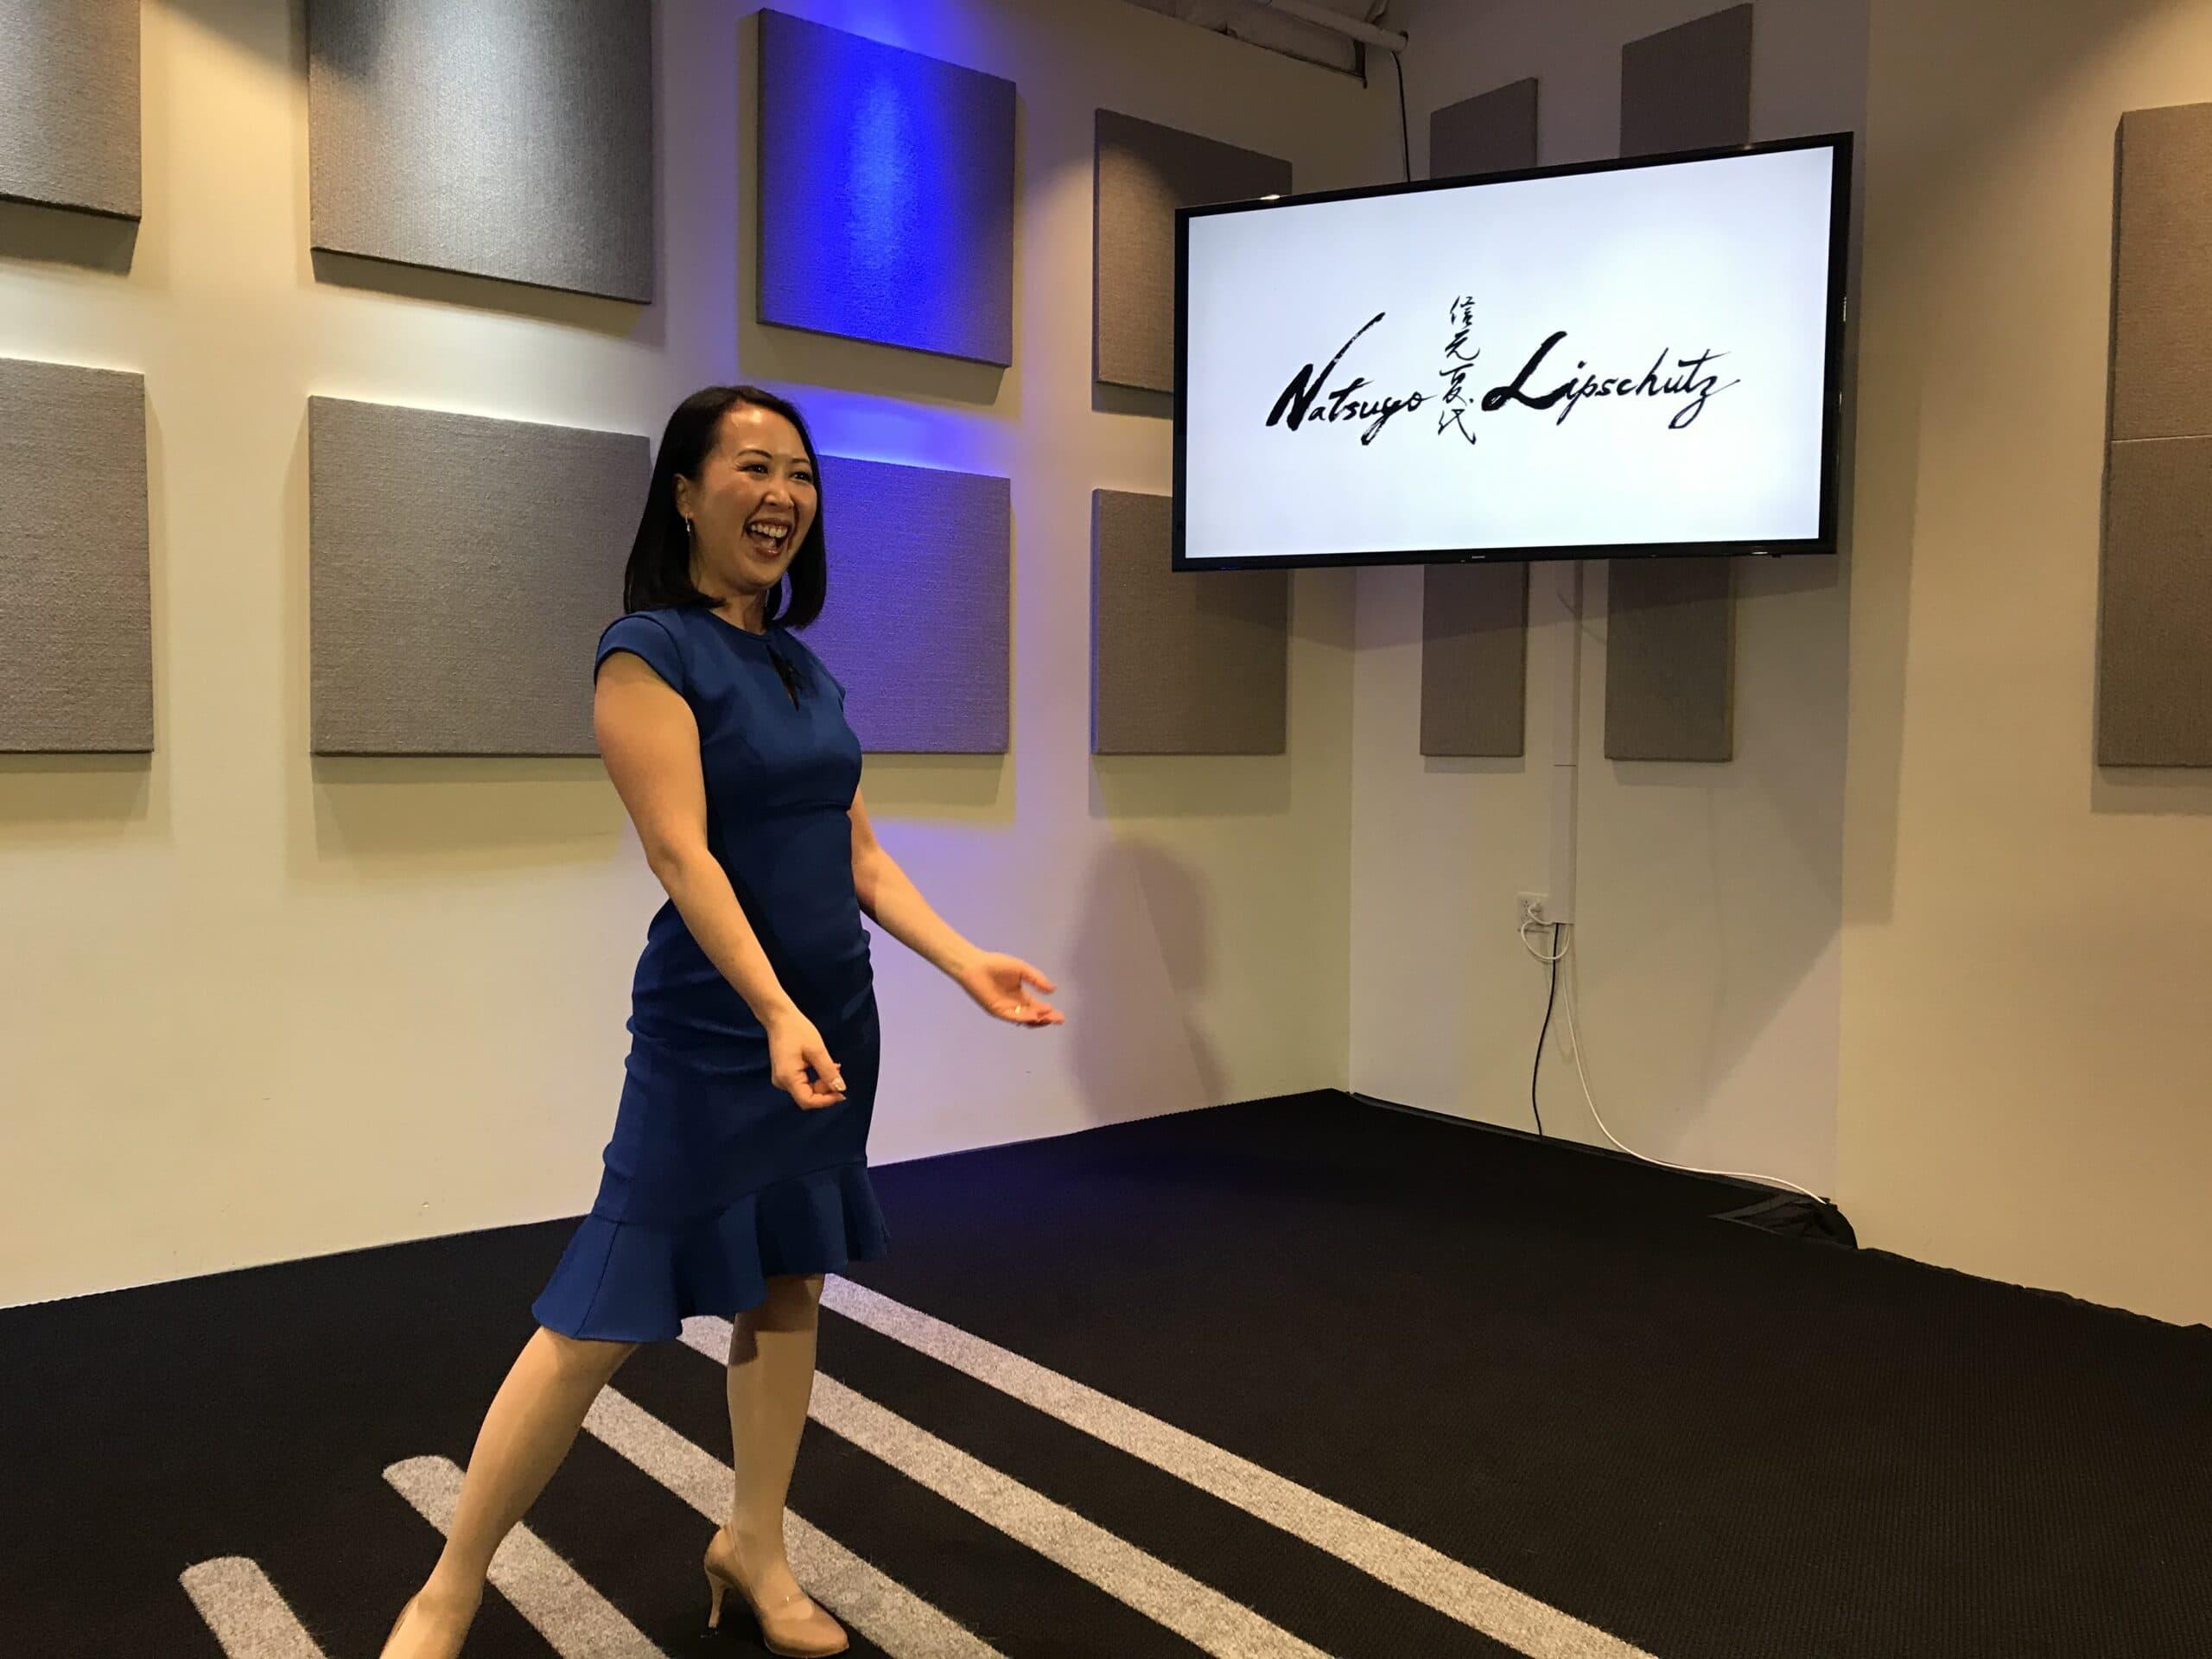 Natsuyo-Lipschutz-keynote-speaker